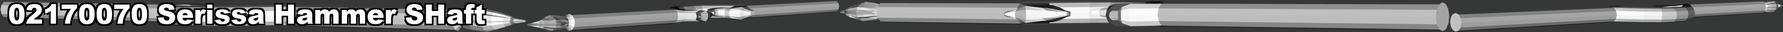 02170070 Serissa Hammer SHaft.png